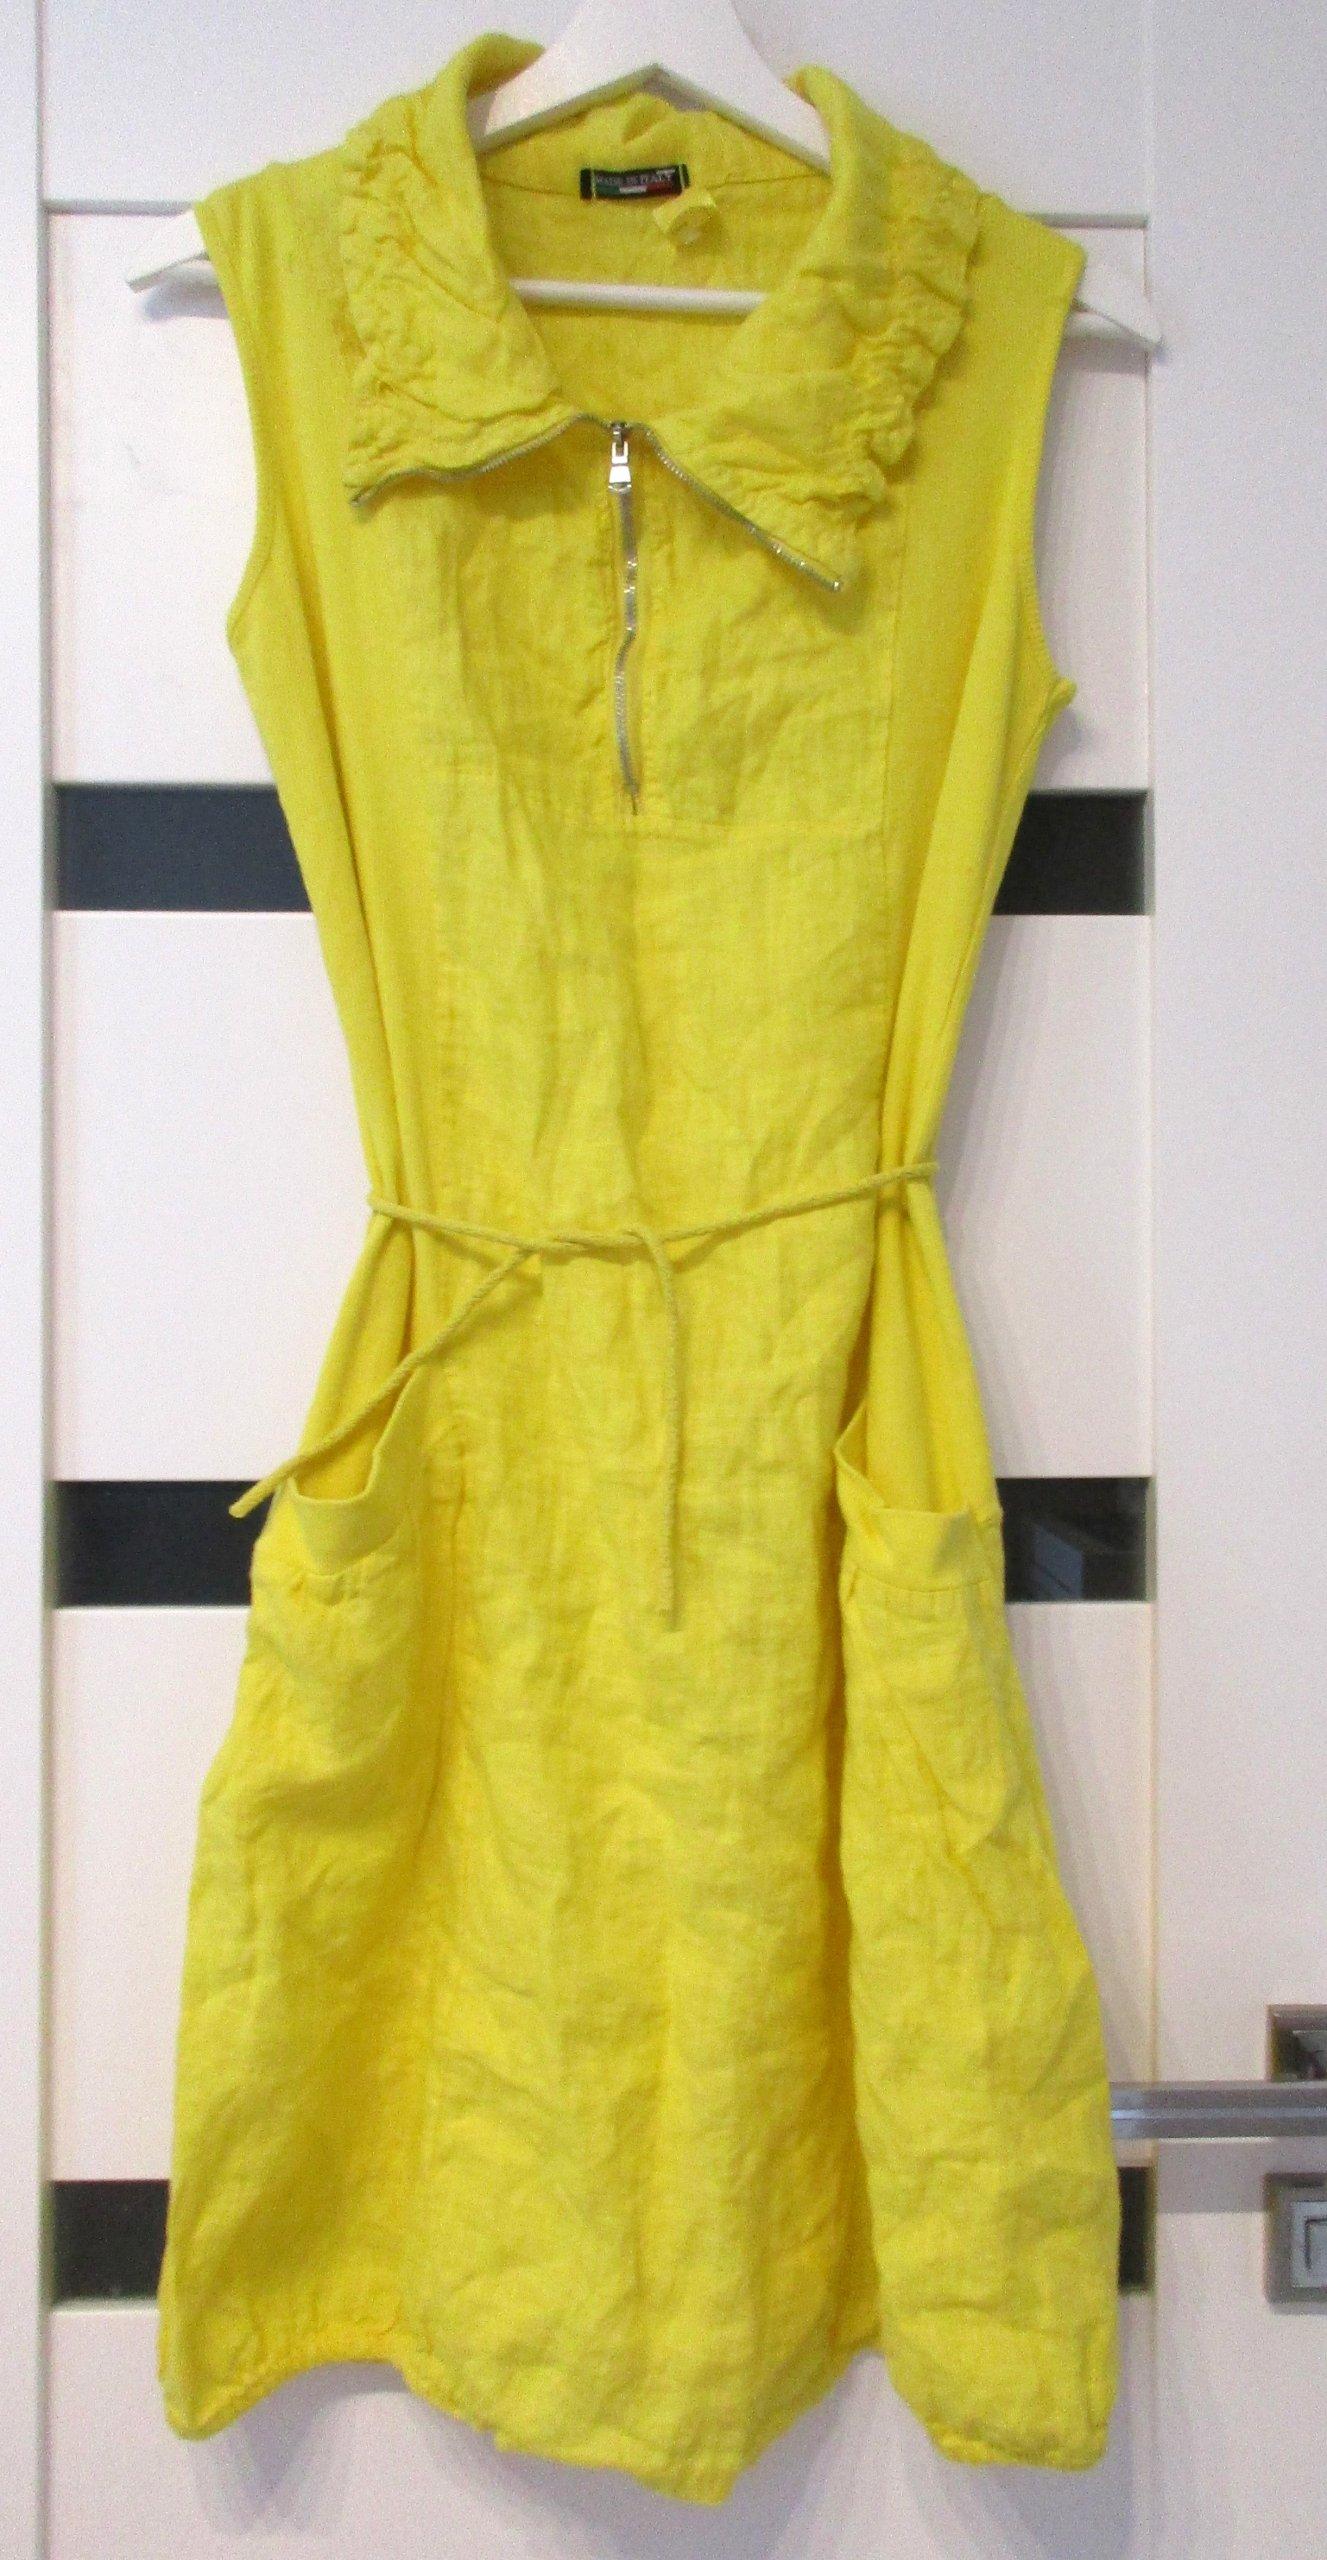 6d1fa7425d Piękna Sukienka Tunika Zółta 44 XXL Nowa - 7245642254 - oficjalne ...